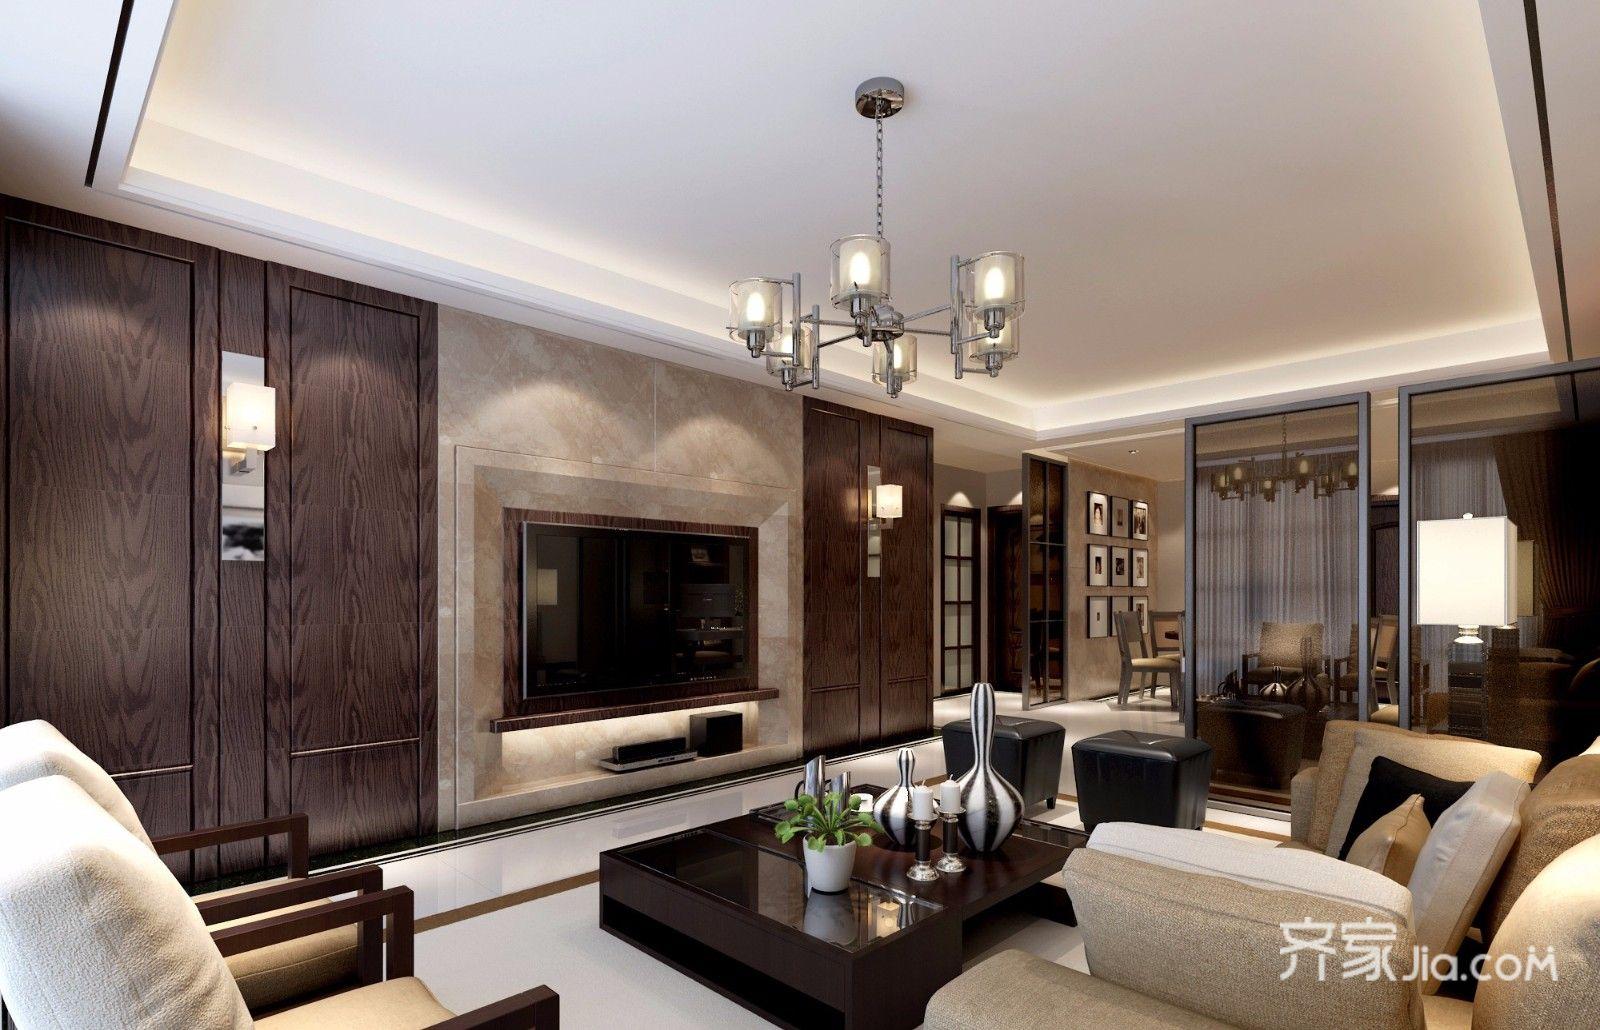 电视背景墙采用深浅对比,胡桃木是买呢装饰,壁灯点缀.图片